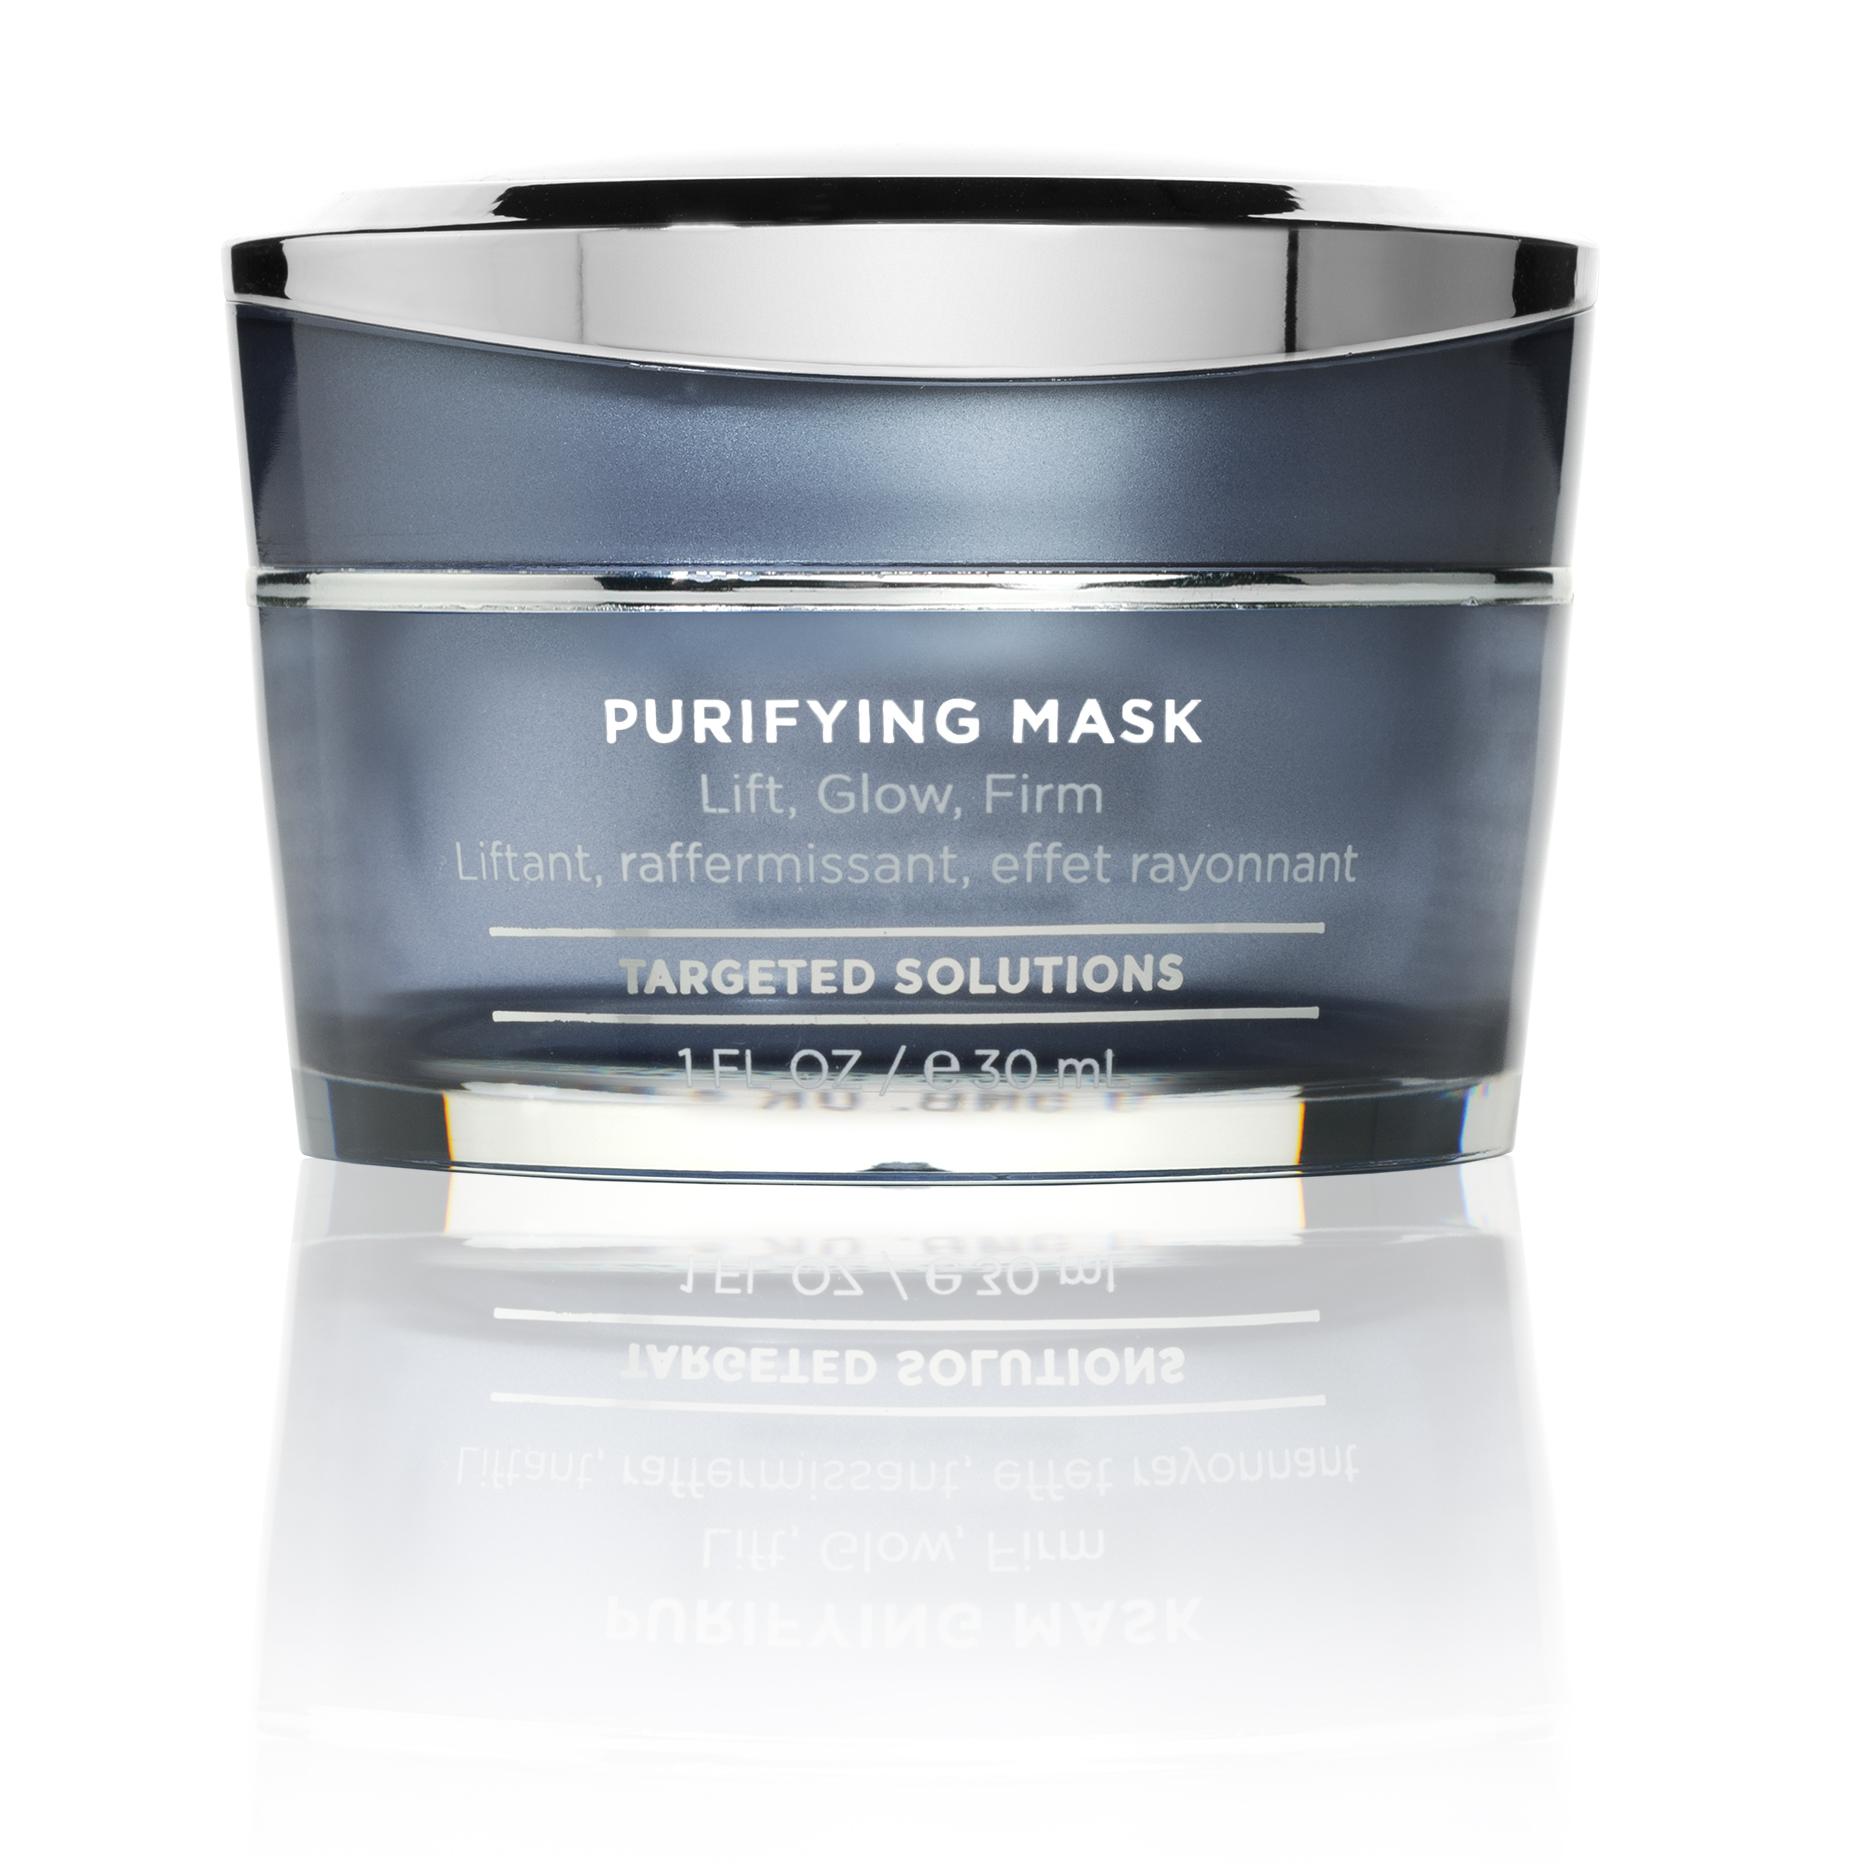 HydroPeptide Purifying Mask.jpg